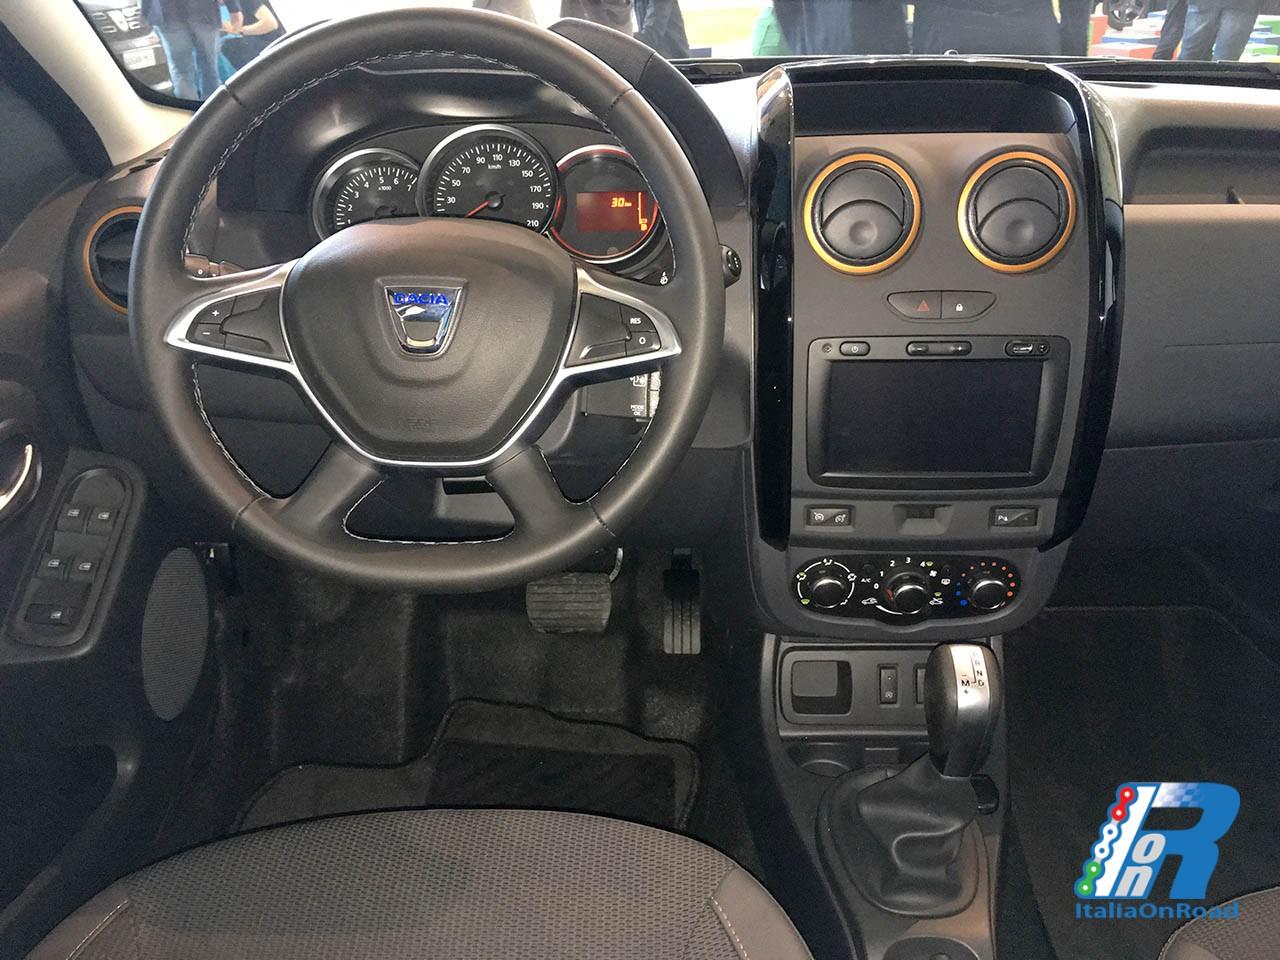 Dacia presenta la nuova serie speciale trasversale brave for Duster interni